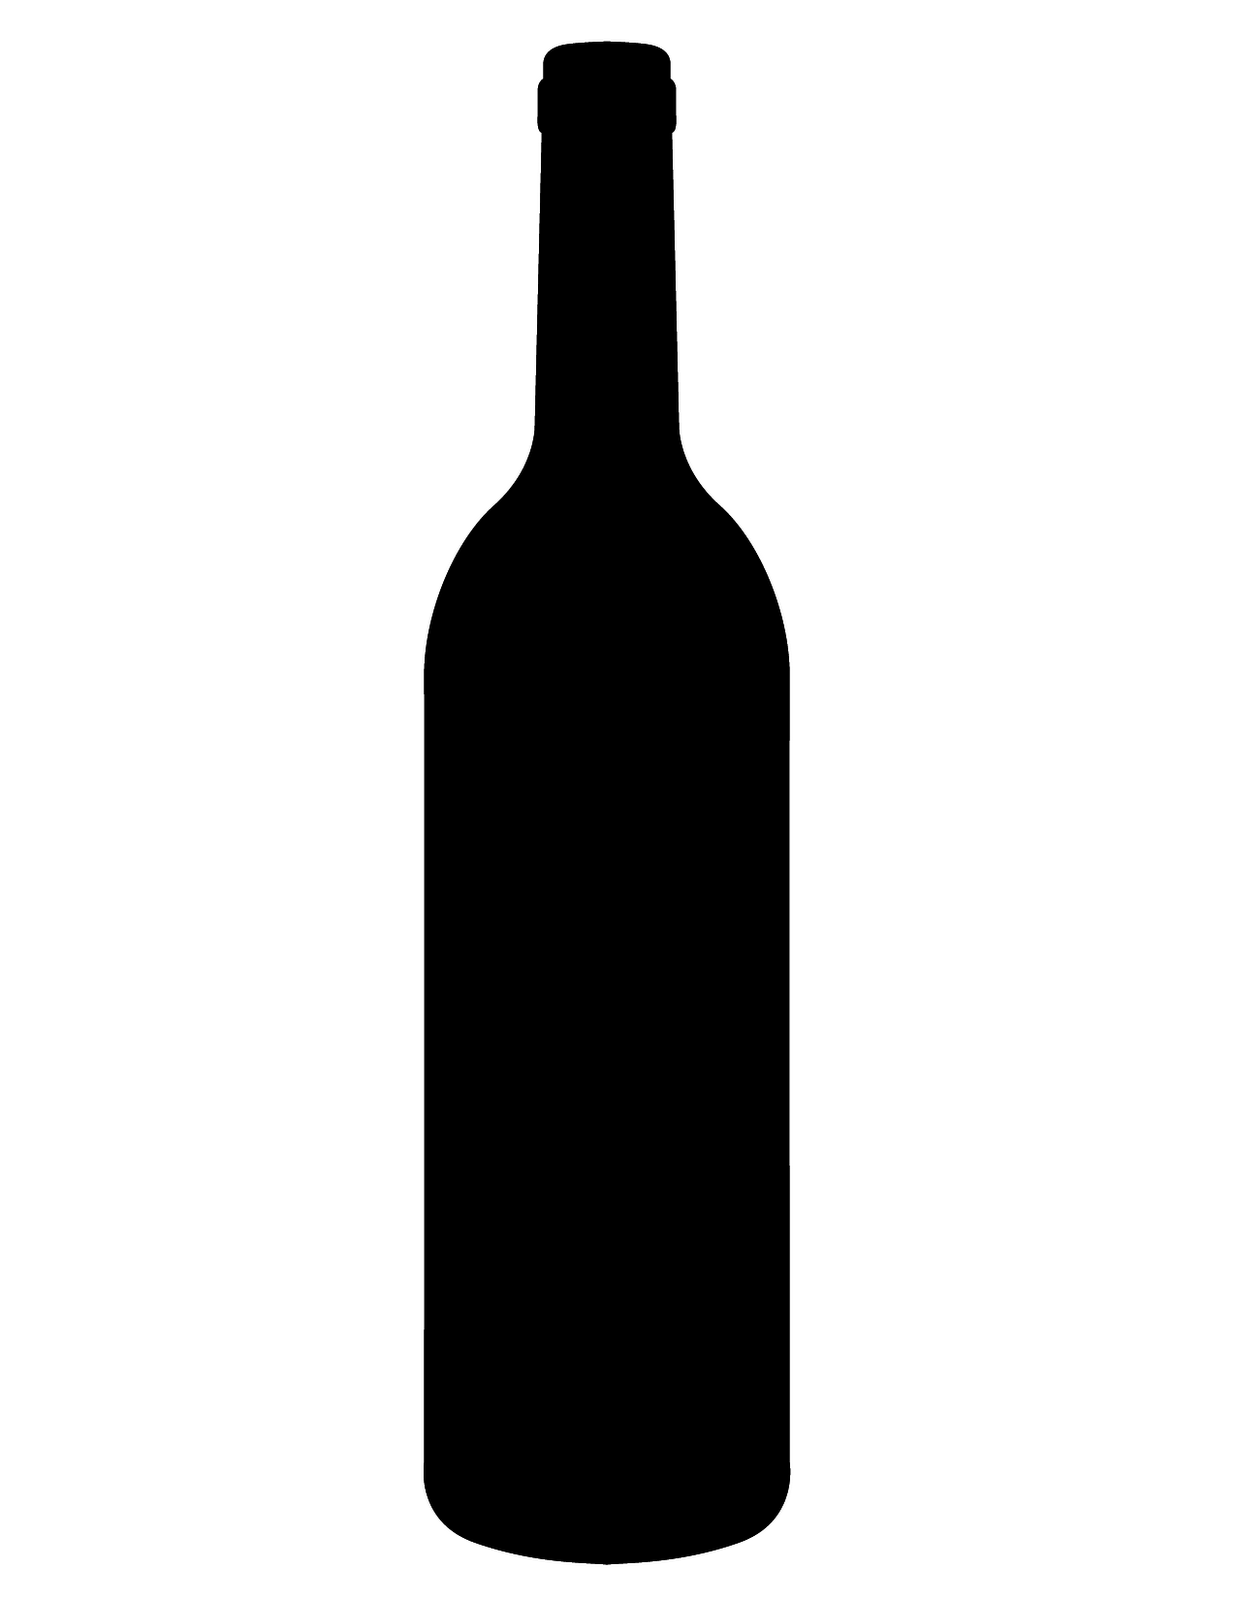 $125 Bottle (St. Paul Inside the Wall)